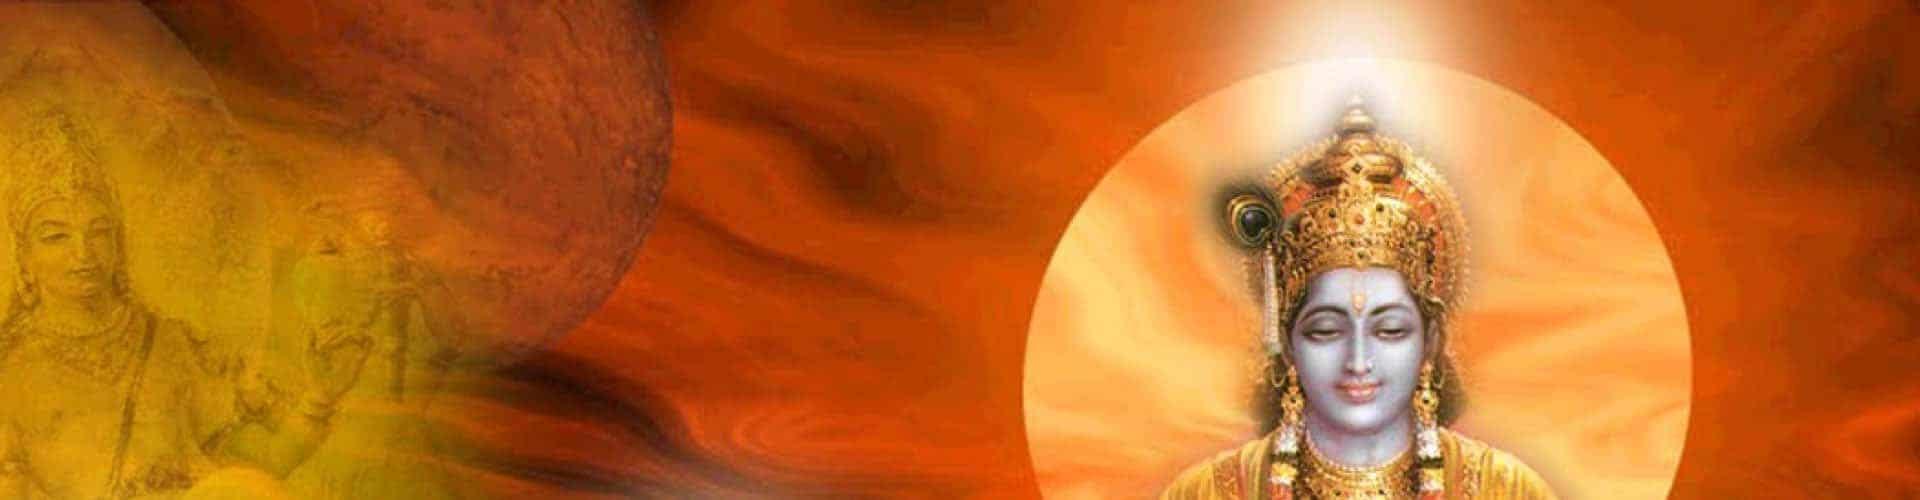 Prana - Swami Vivekananda